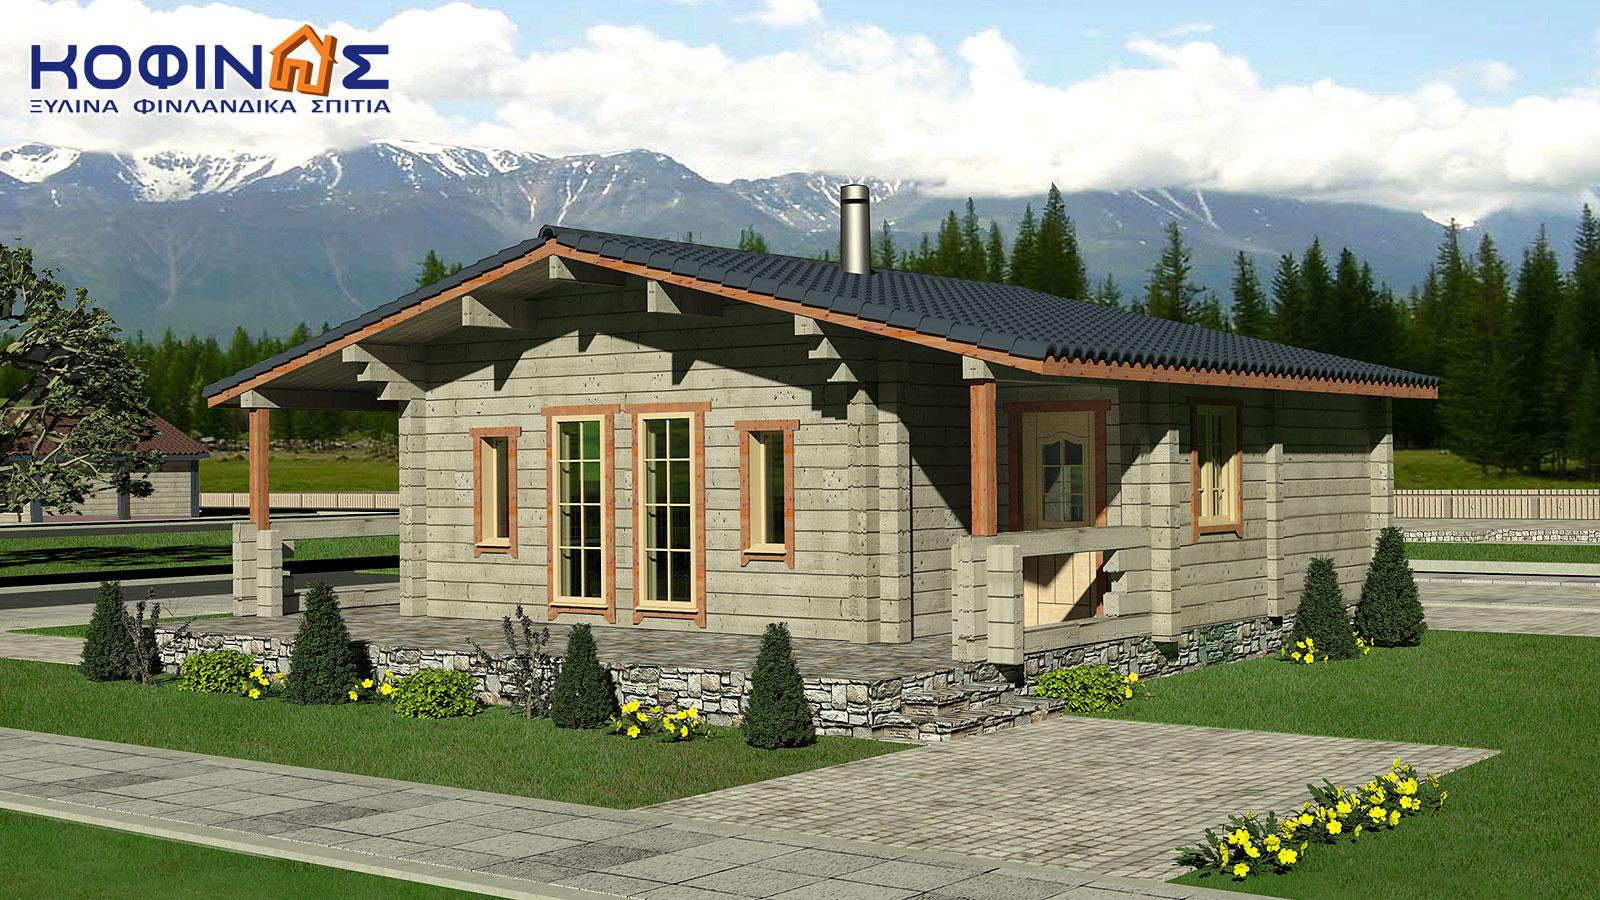 450795adc441 Σχέδια Για Ισόγεια Ξύλινα Σπίτια